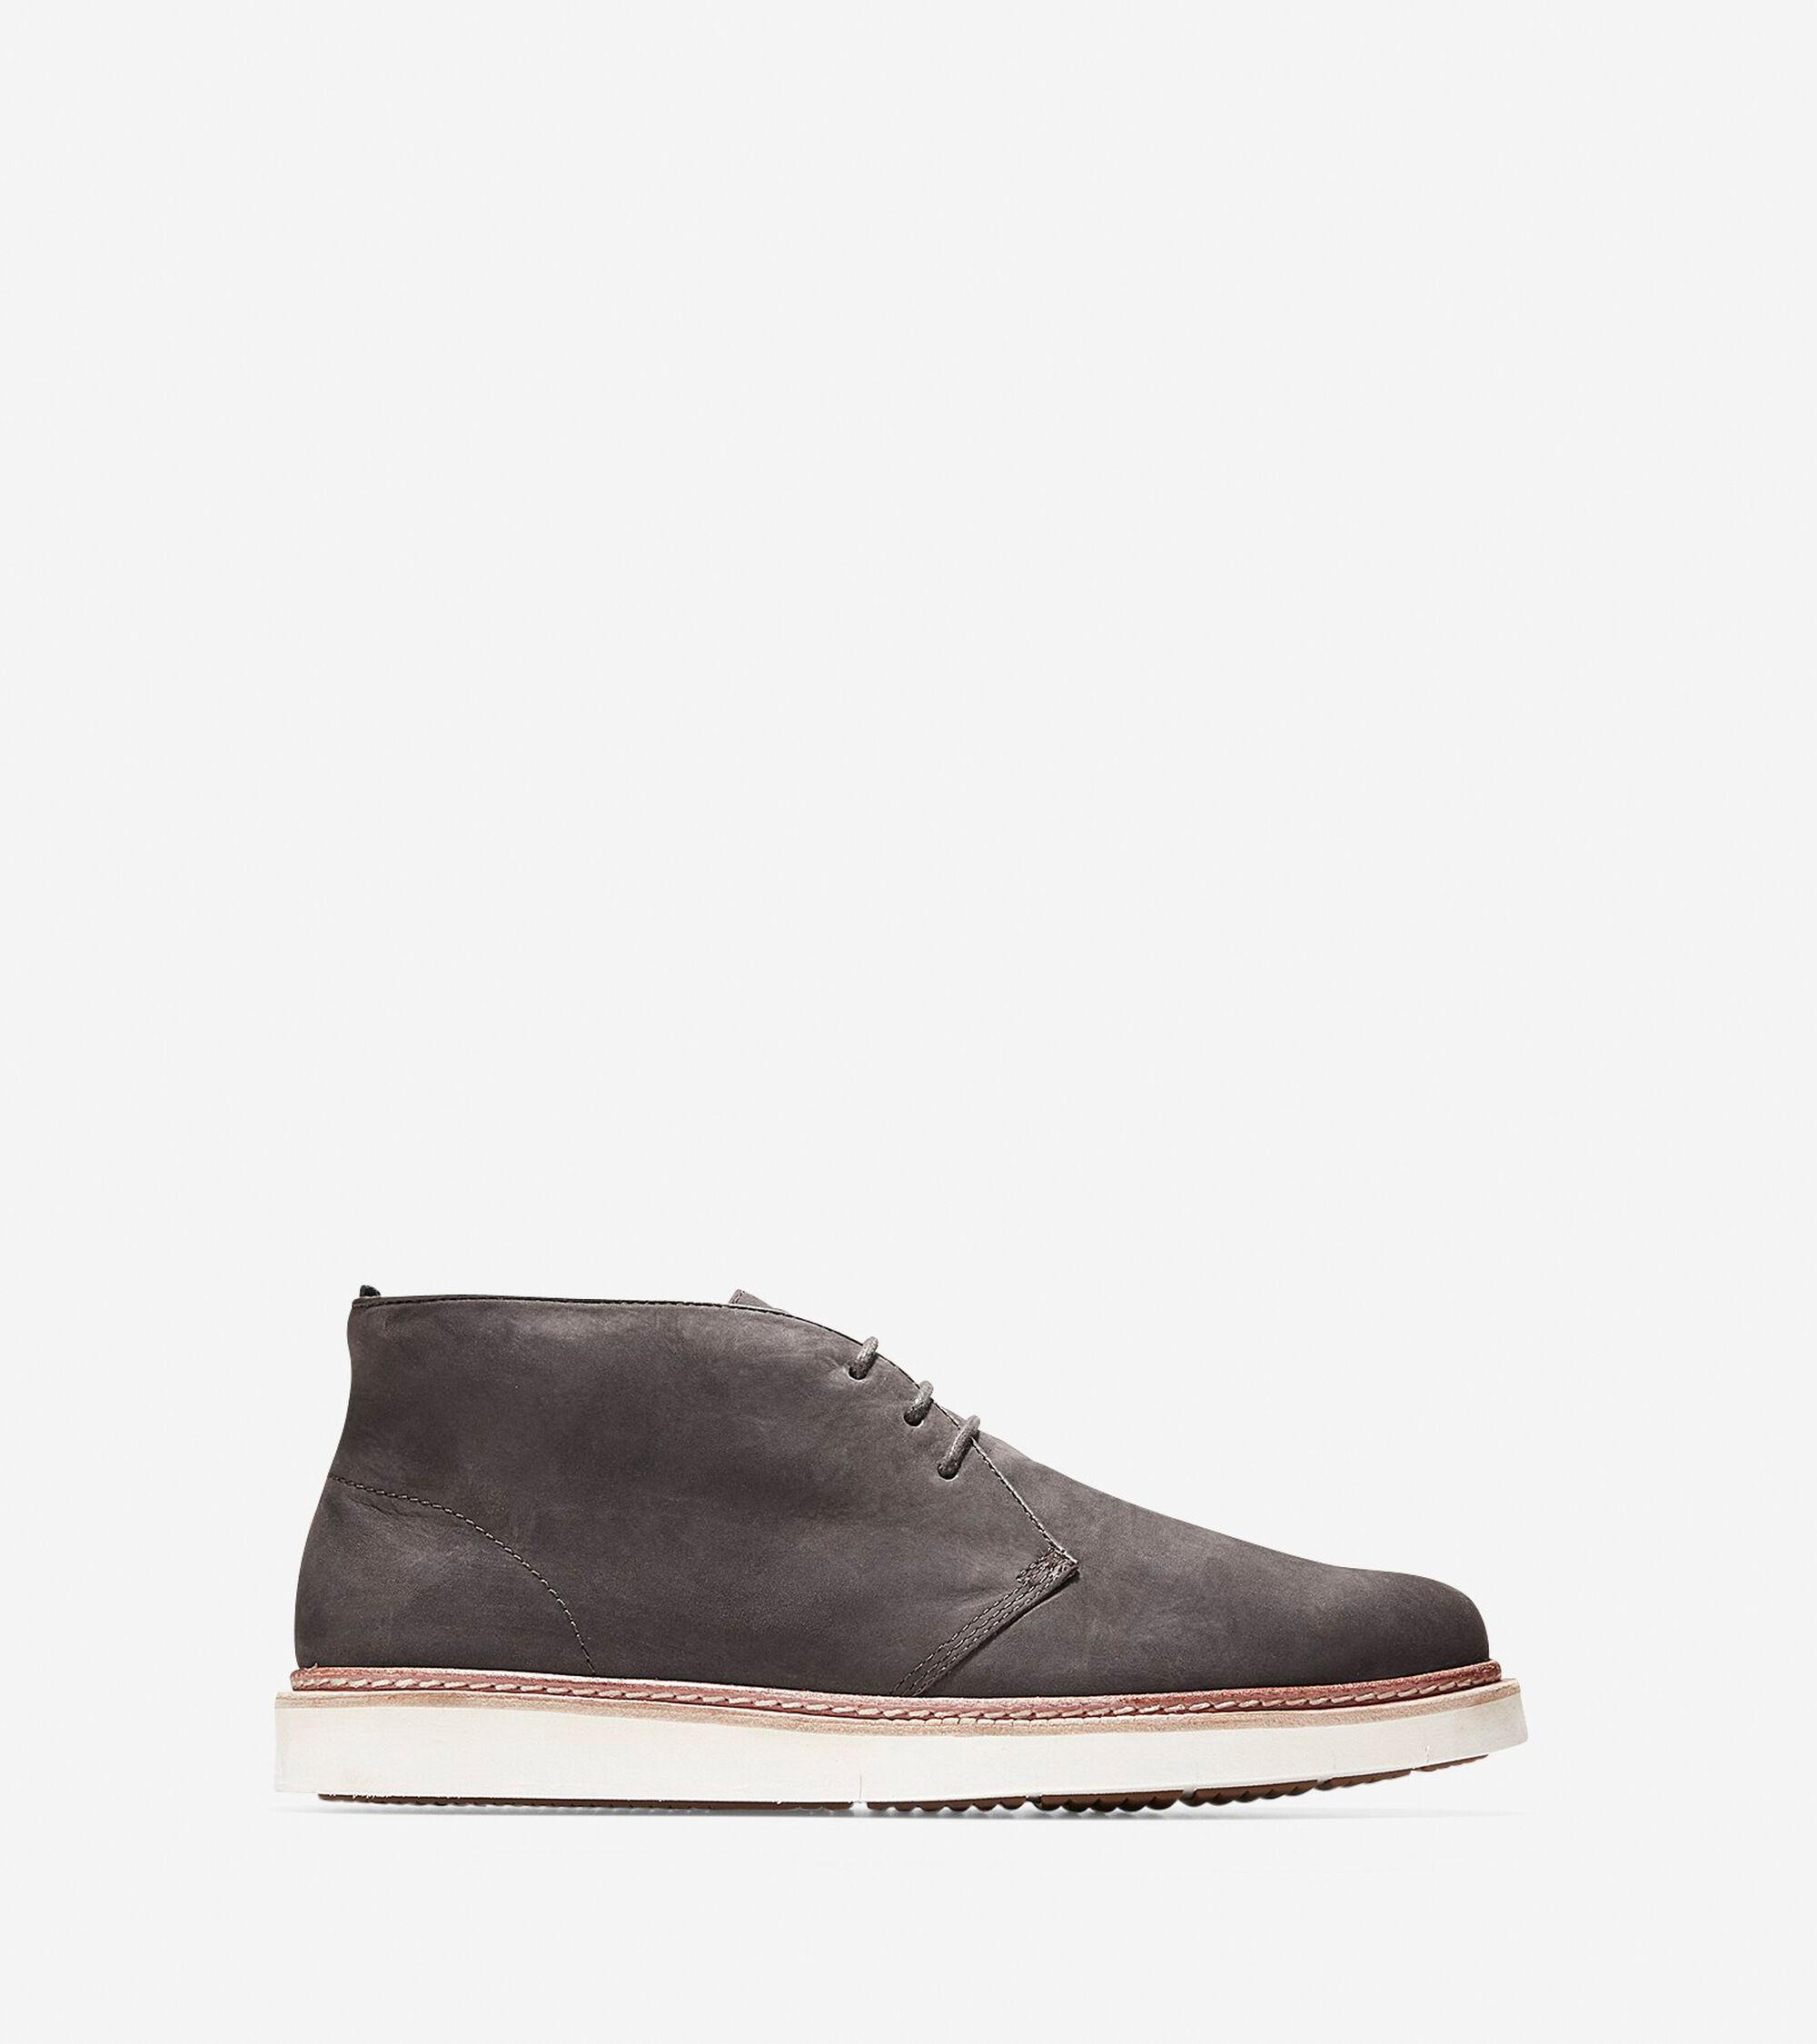 82282848684 Men s Tanner Chukka Boots in Dark Roast-Ivory